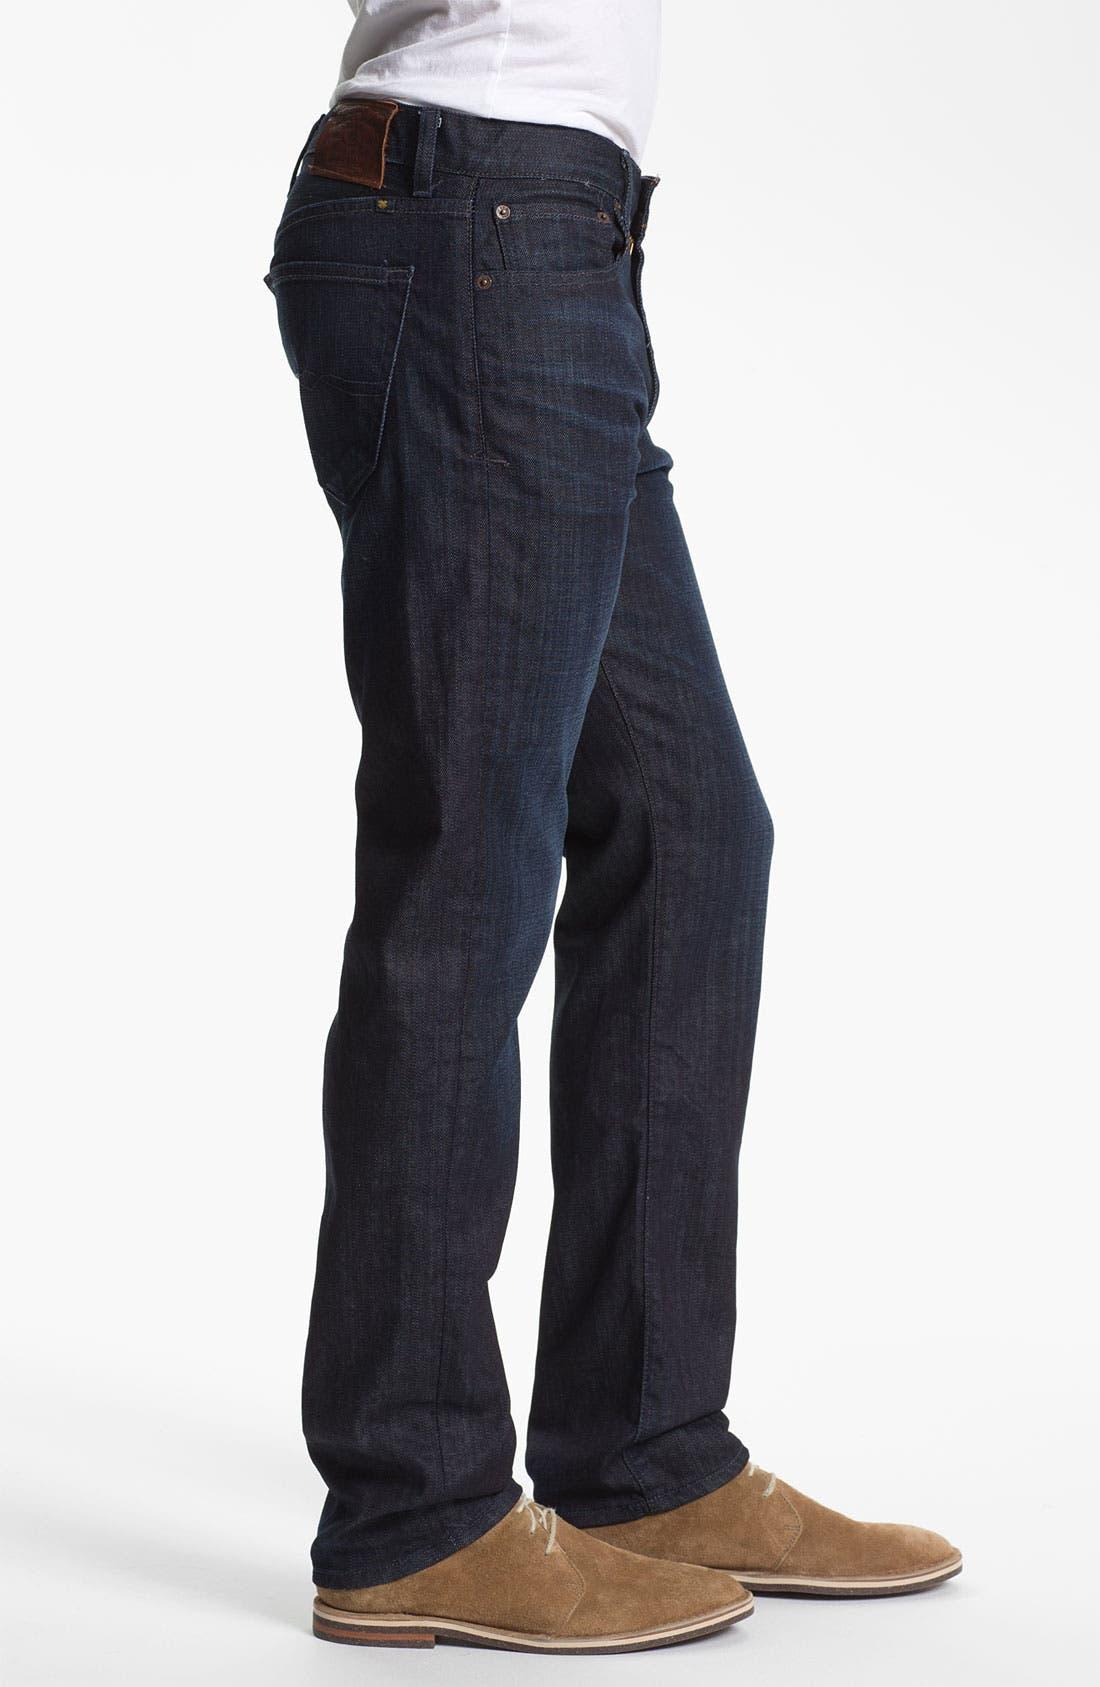 Alternate Image 3  - Lucky Brand 'Dean' Straight Leg Jeans (Dark Kingston) (Online Only)